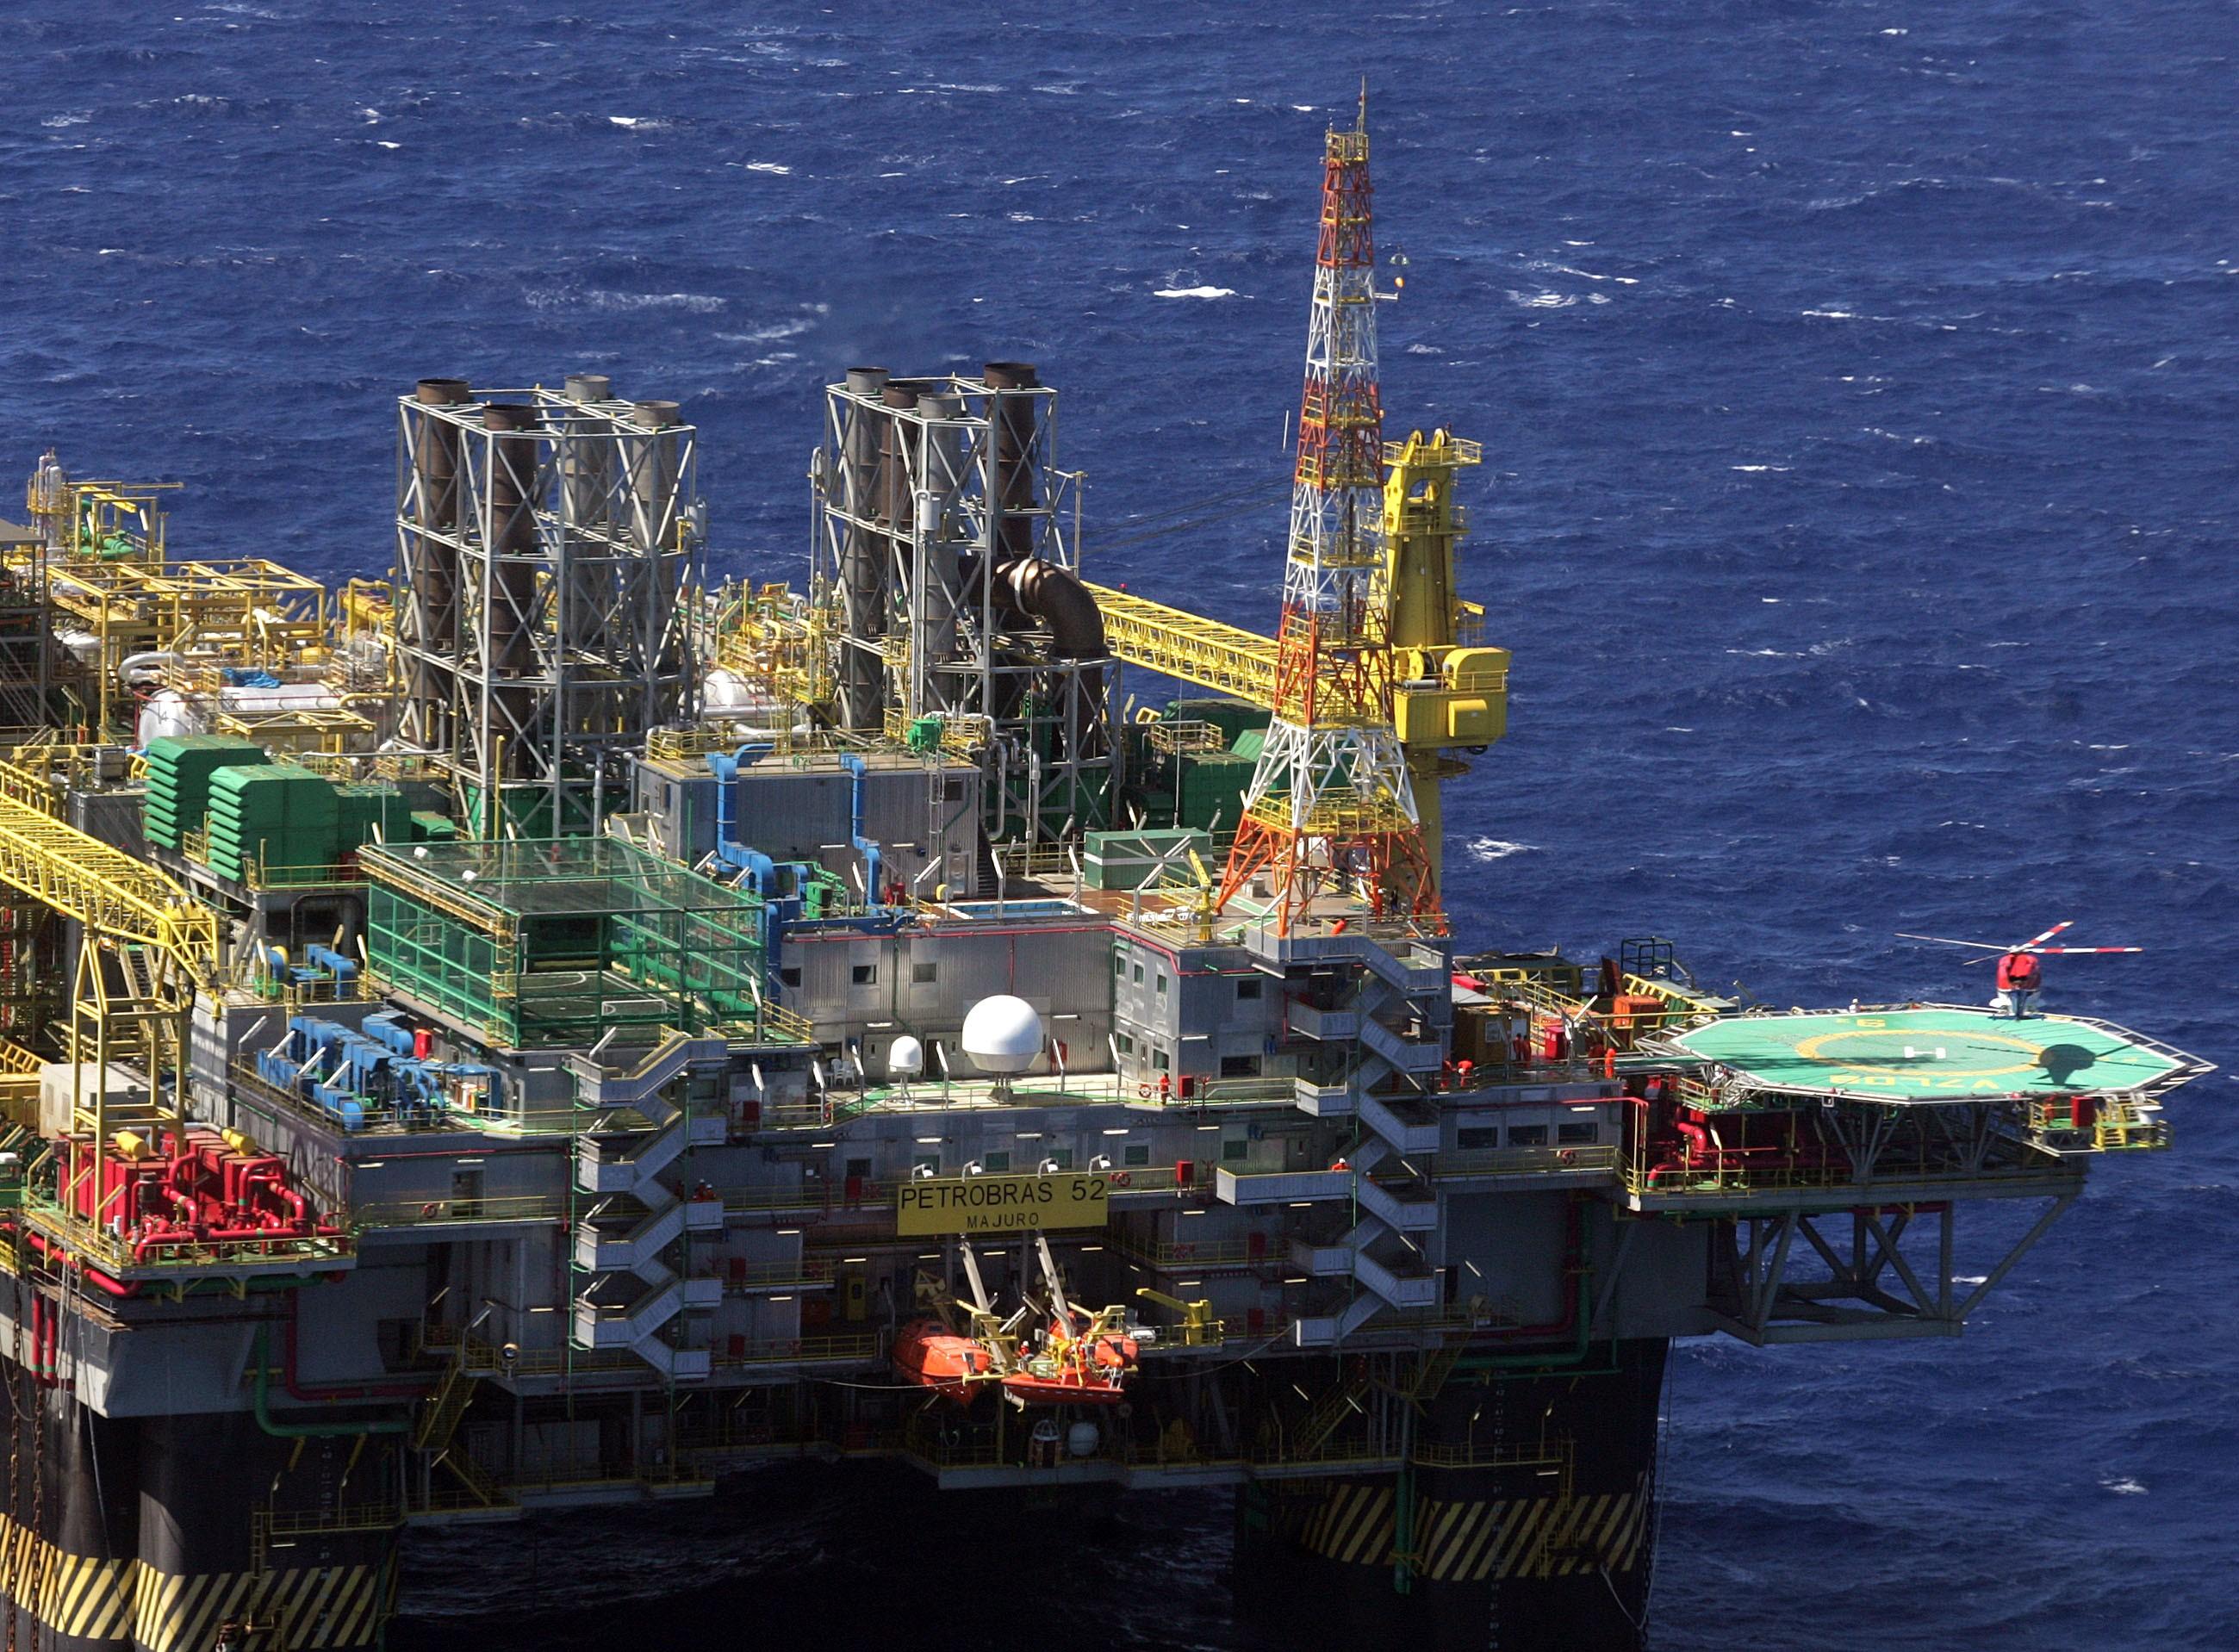 Petrobras acumula no fundo do mar material de 'depósito' submerso irregular ativo por 25 anos na Bacia de Campos